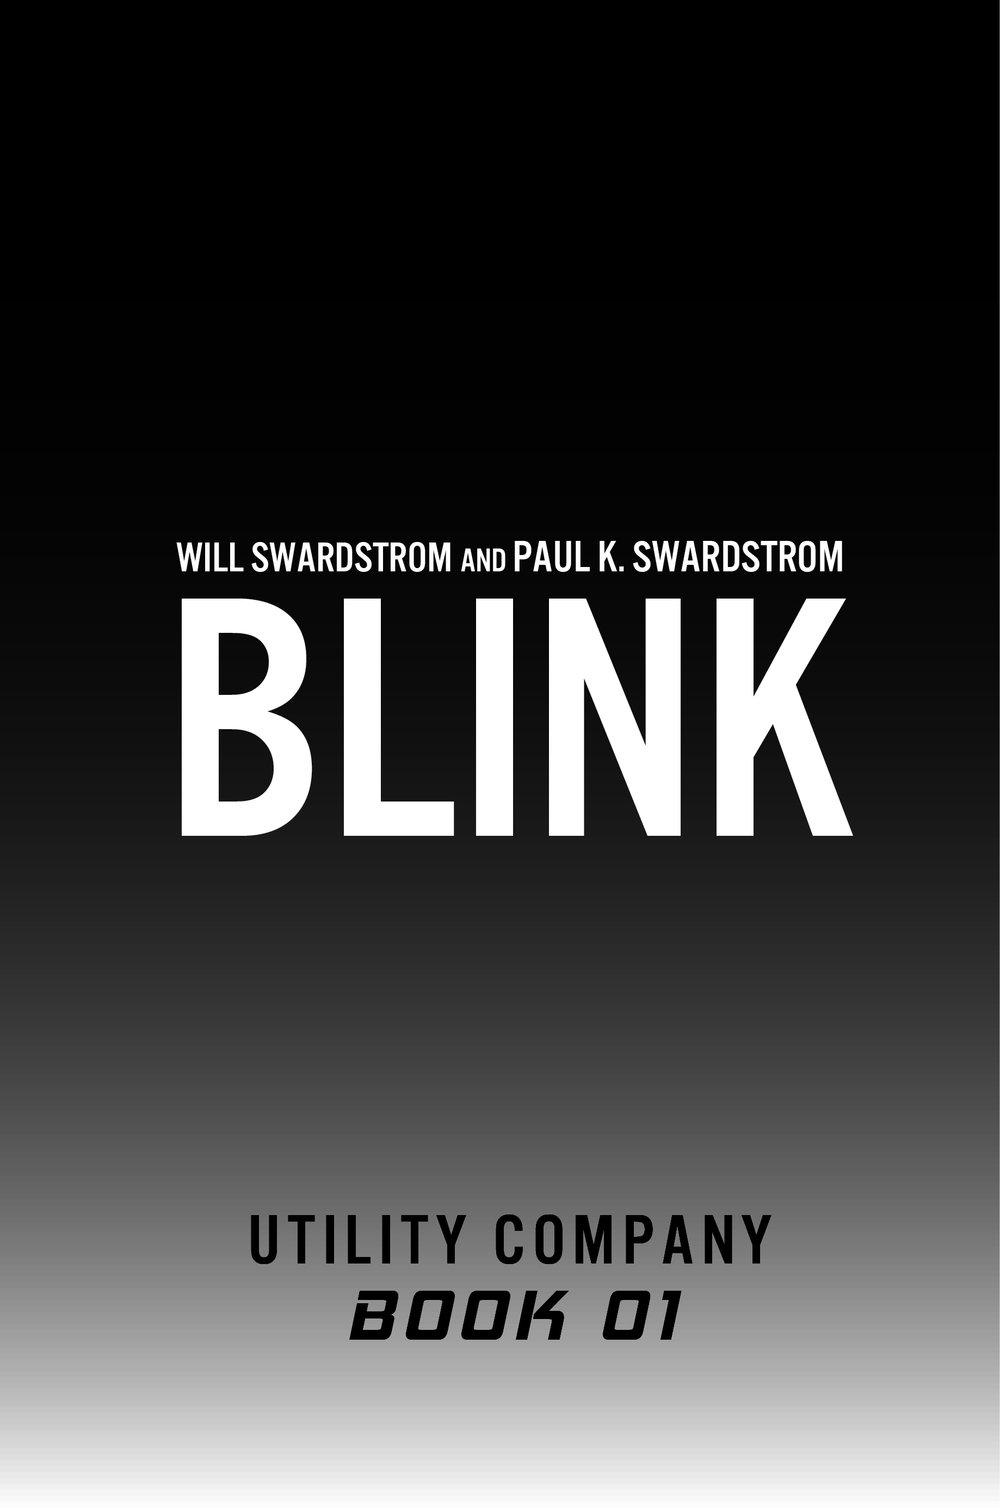 BlinkTitle.jpg